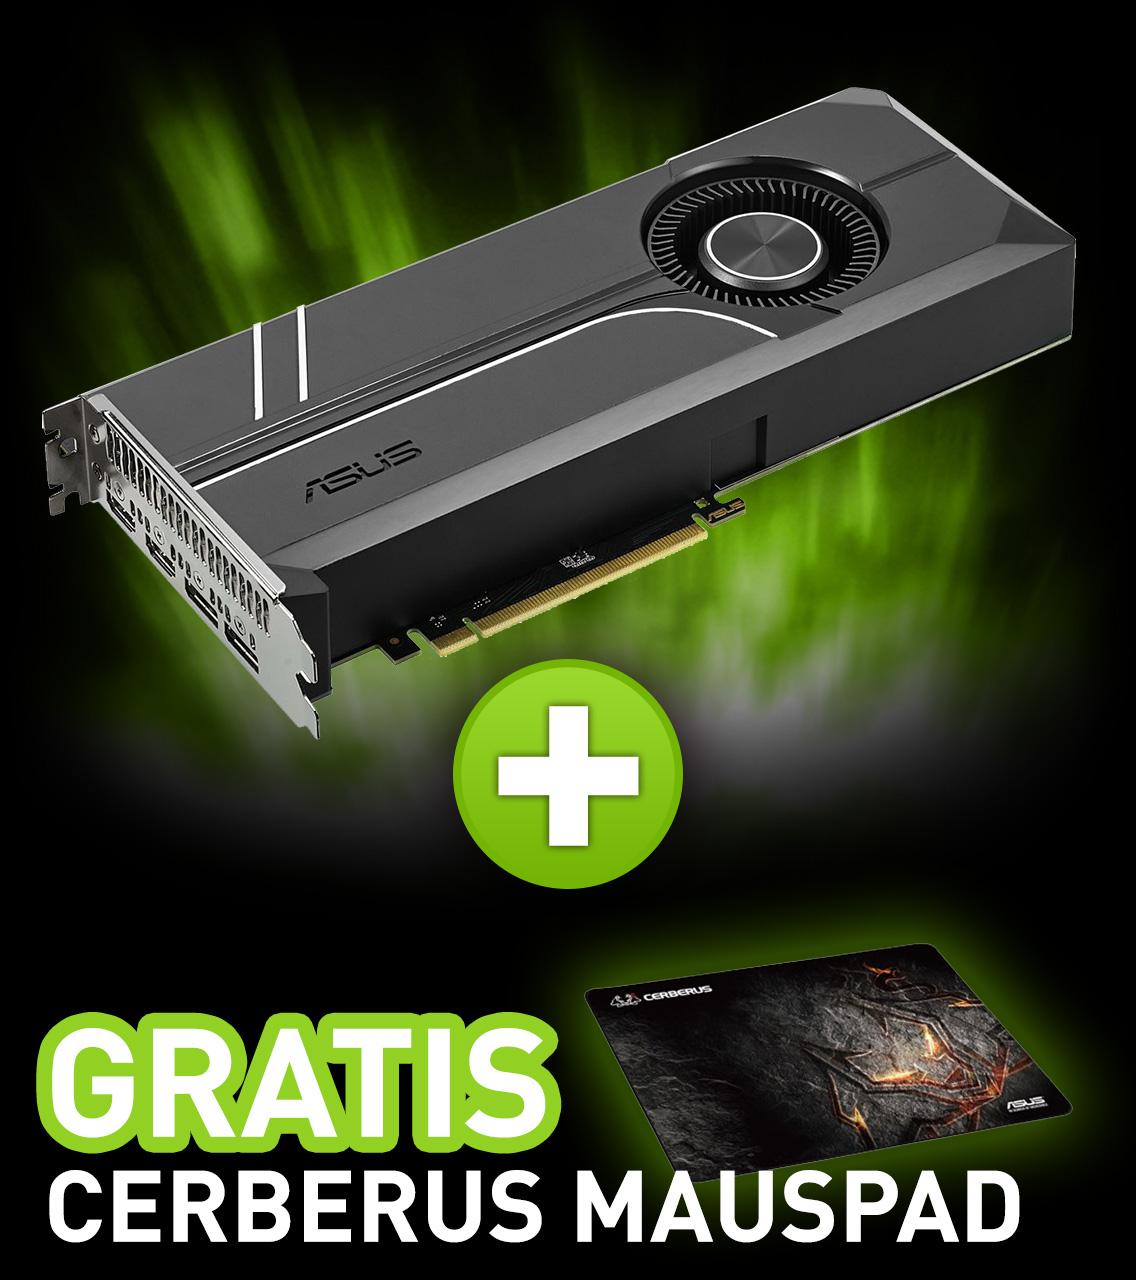 6GB Asus GeForce GTX 1060 Turbo Aktiv PCIe 3.0 x16 (Retail)